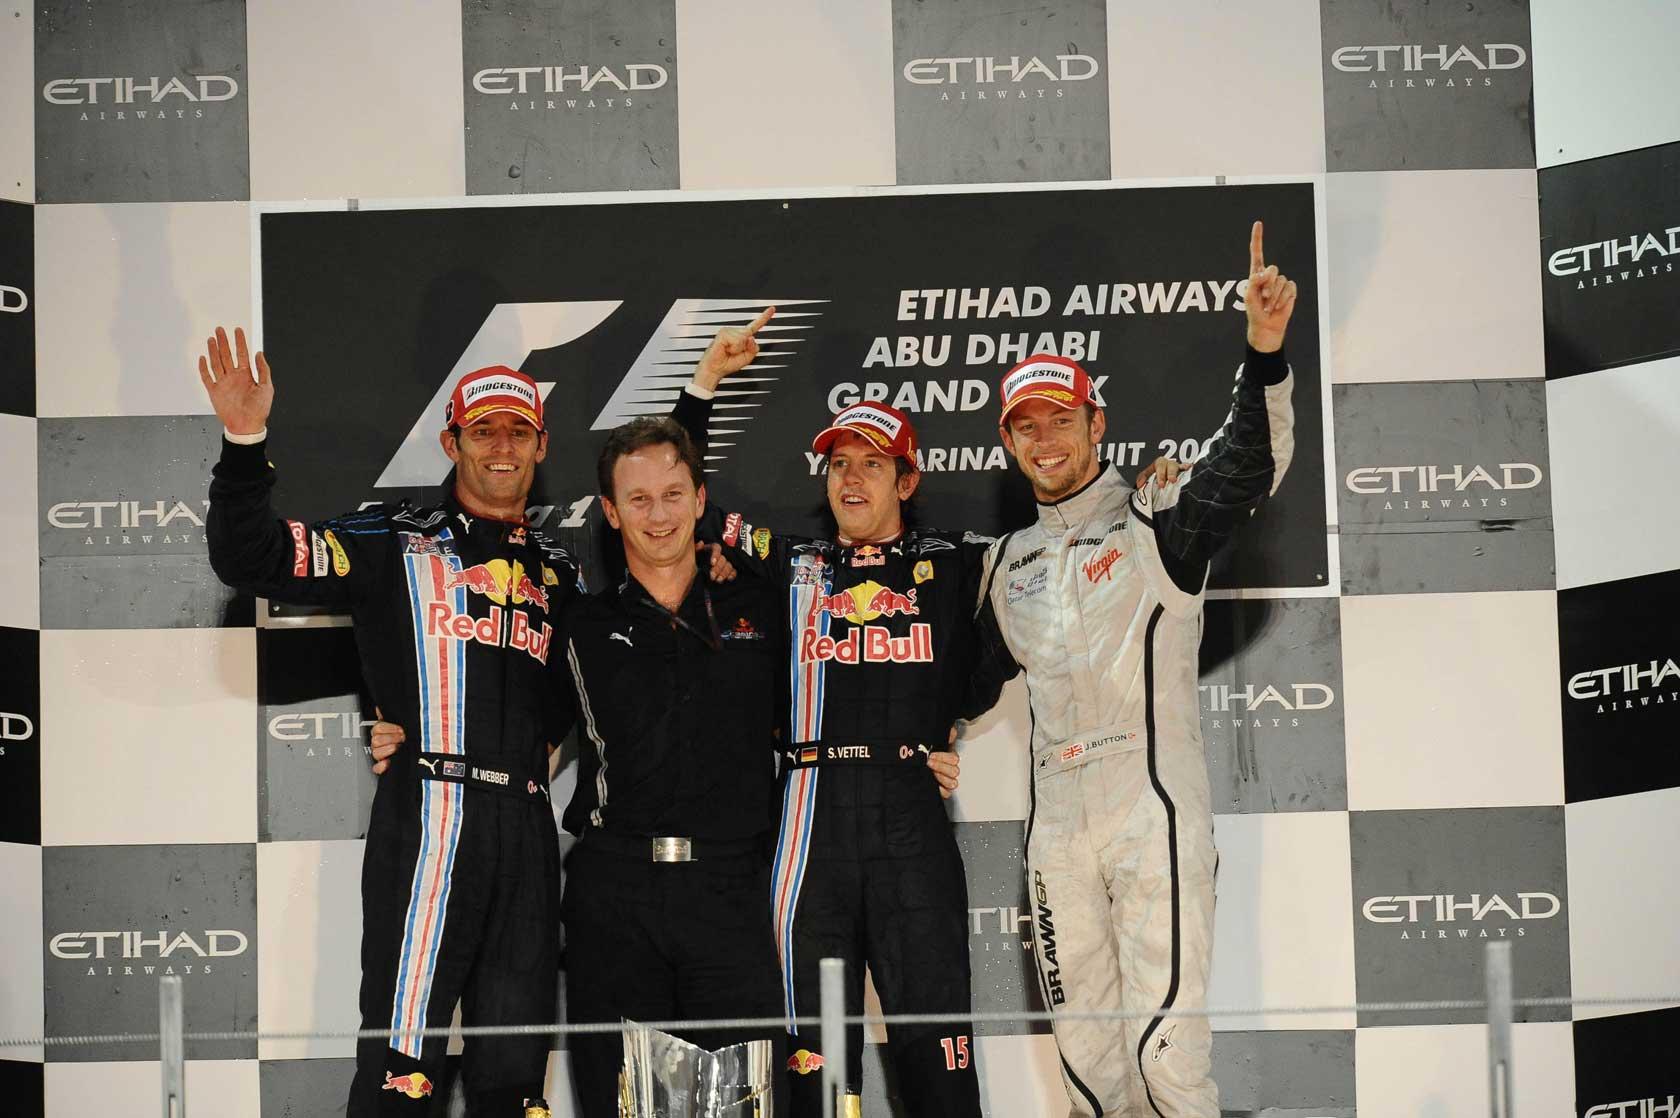 abu dhabi f1 2009 podium webber horner vettel button